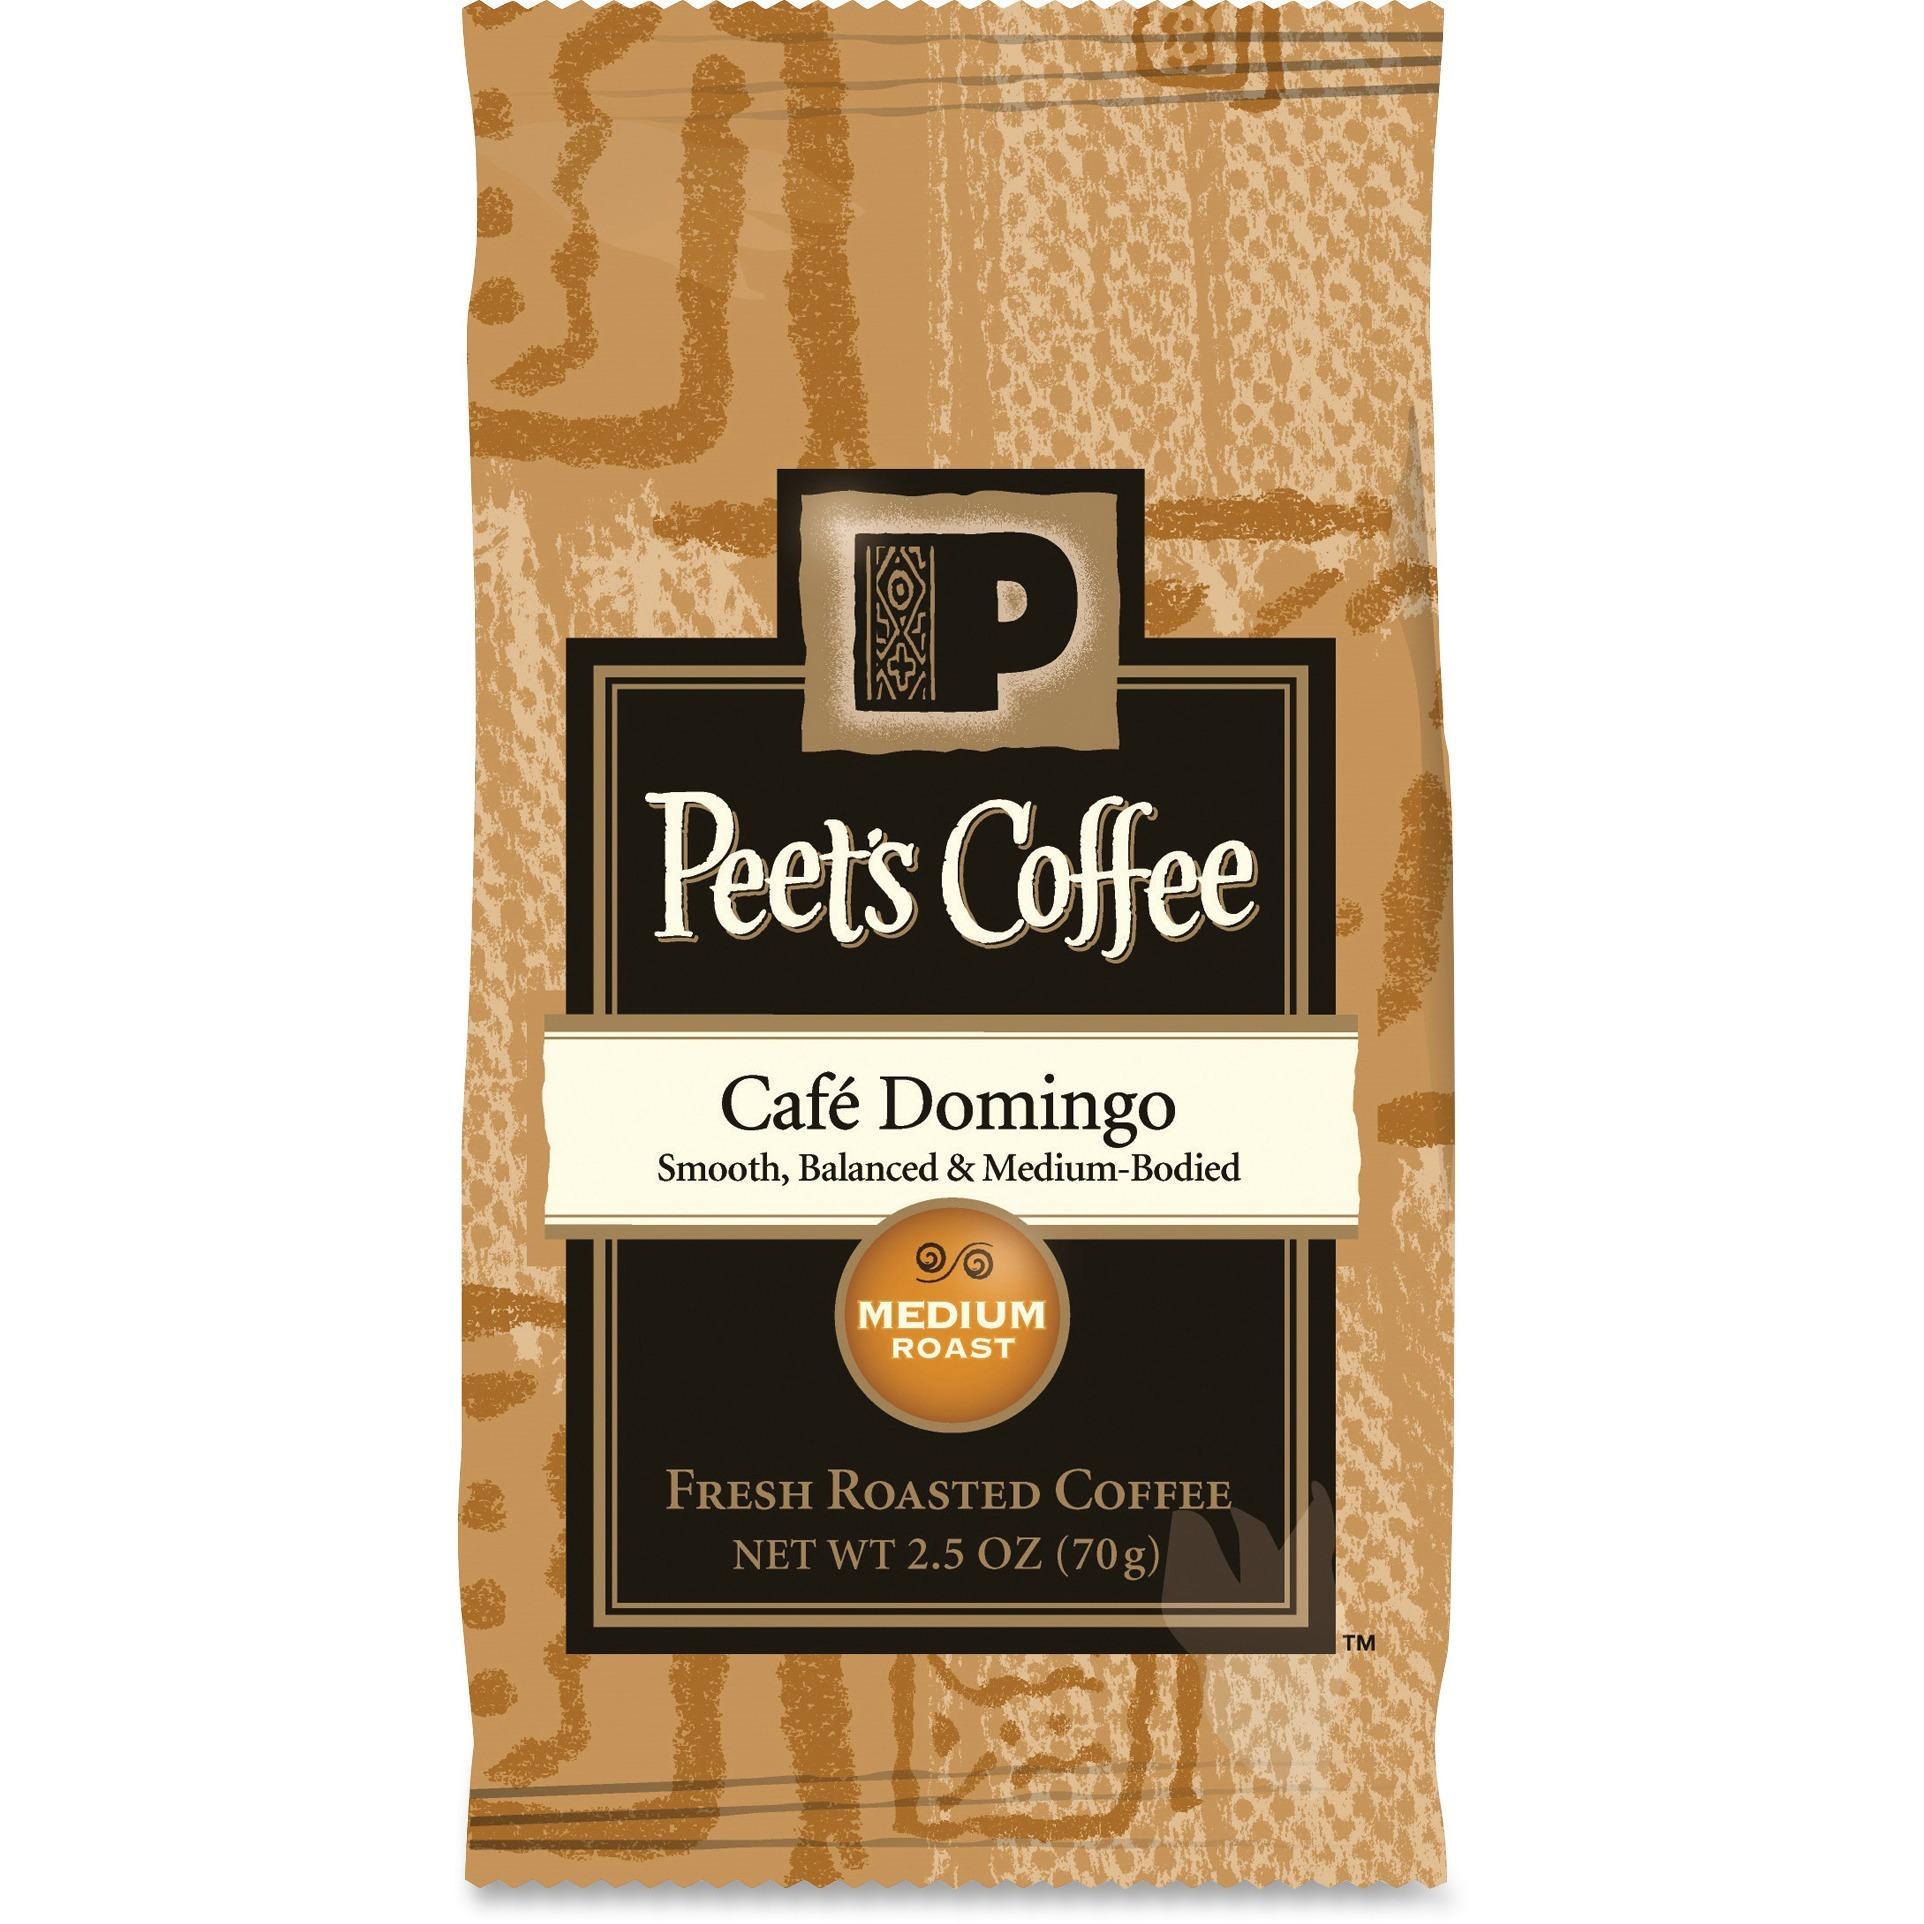 Coffee Portion Packs, Caf� Domingo Blend, 2.5 oz Frack Pack, 18/Box